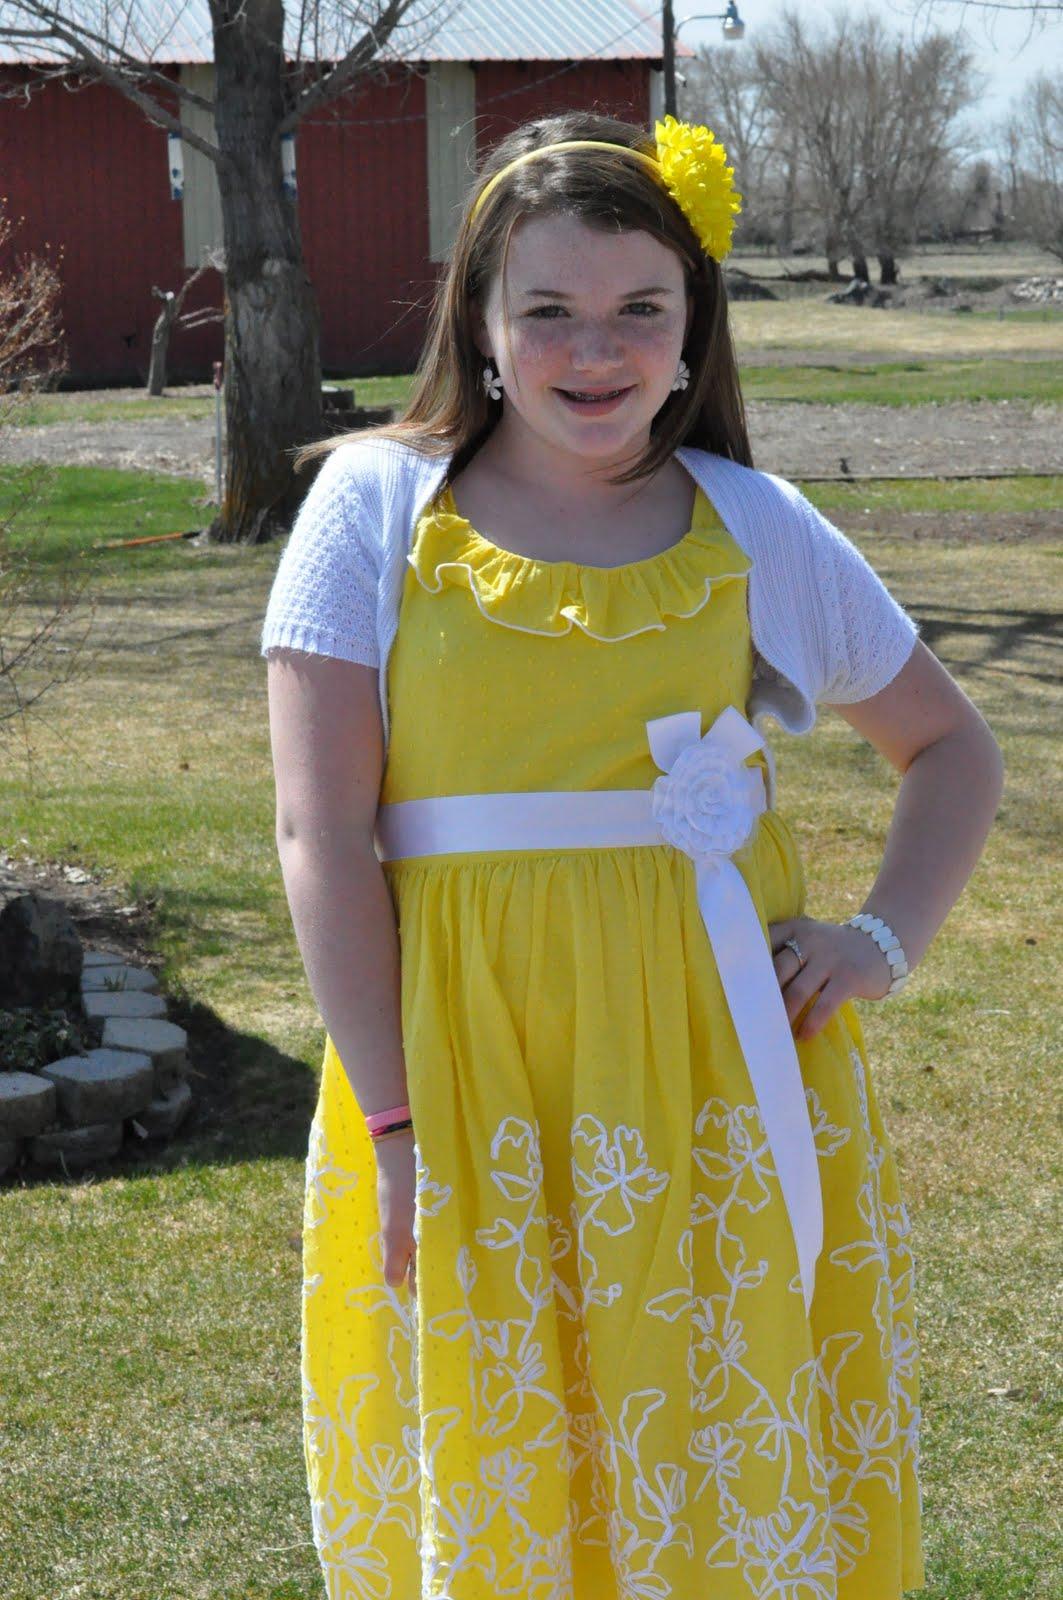 Easter Girl Dress Up